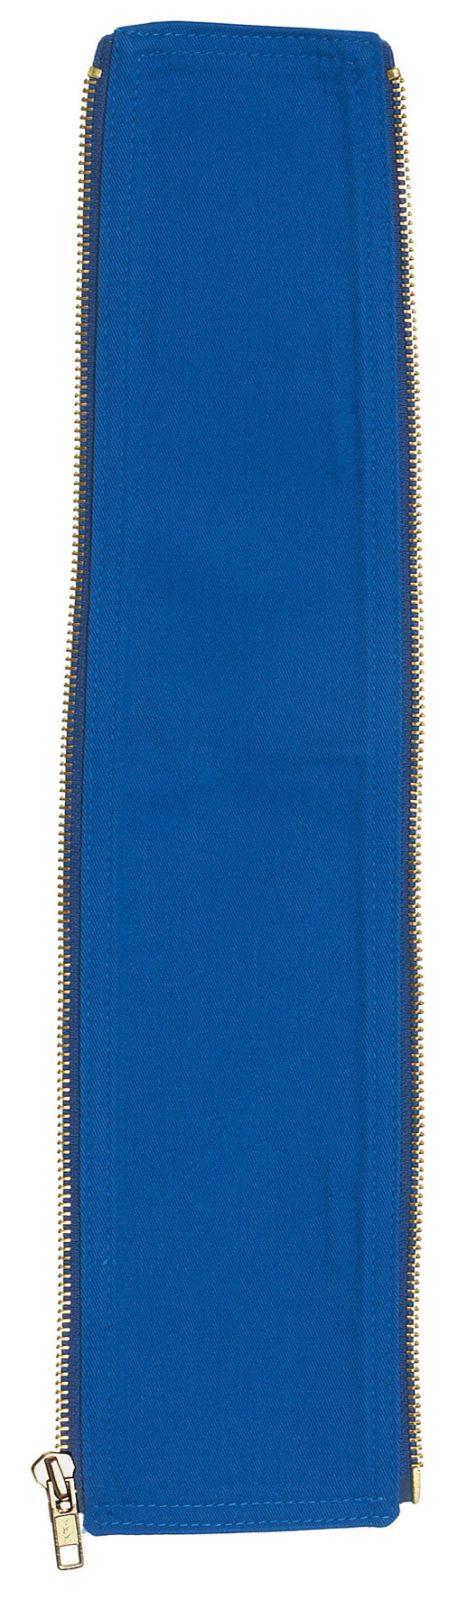 Blaklader Inzetstukken 21291860 Maatverbreder korenblauw(8500)